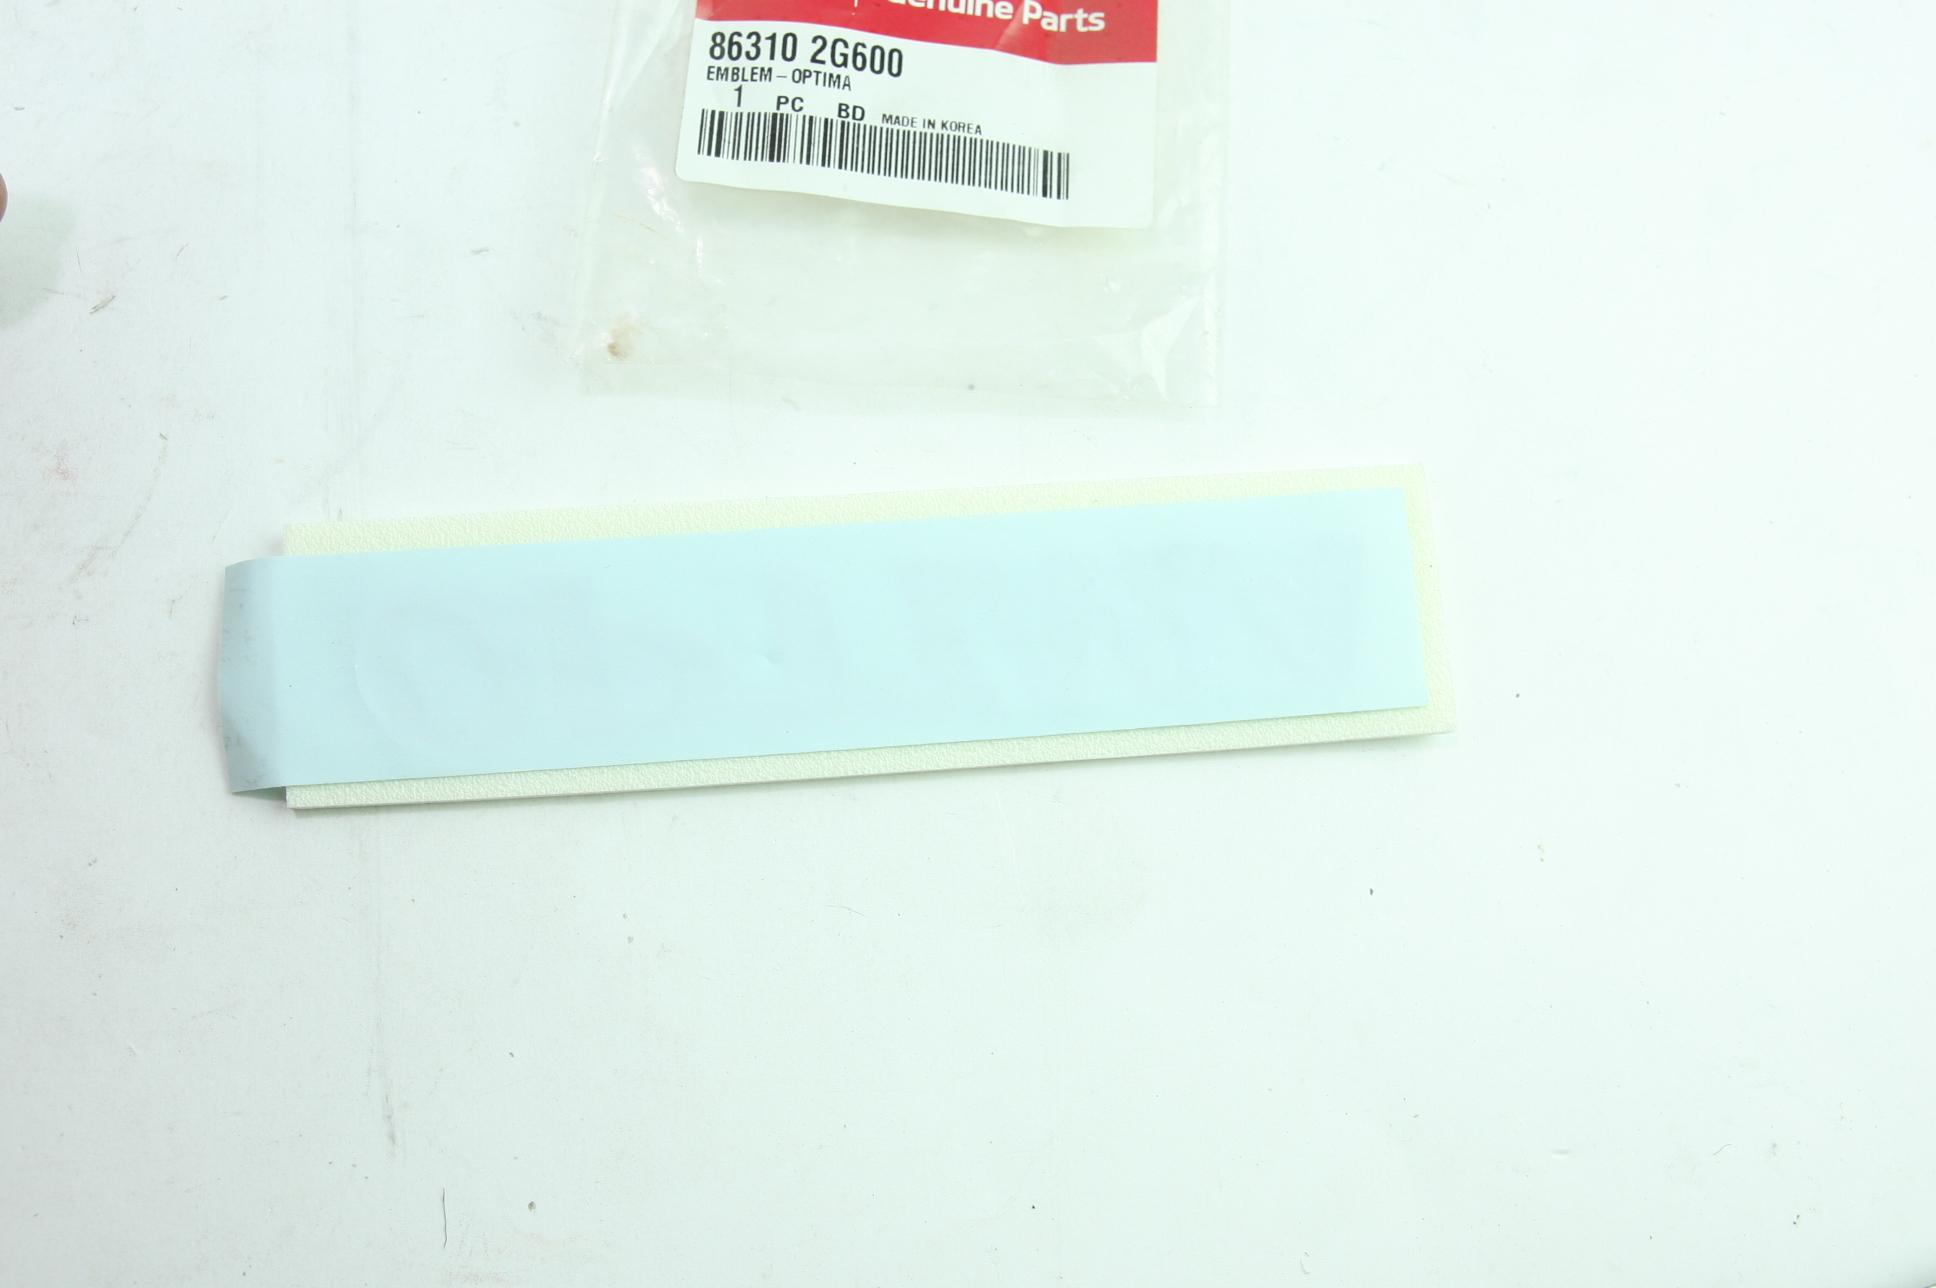 ** Genuine Kia Emblem OPTIMA Chrome Nameplate New OEM 86310-2G600 Free Shipping - image 5